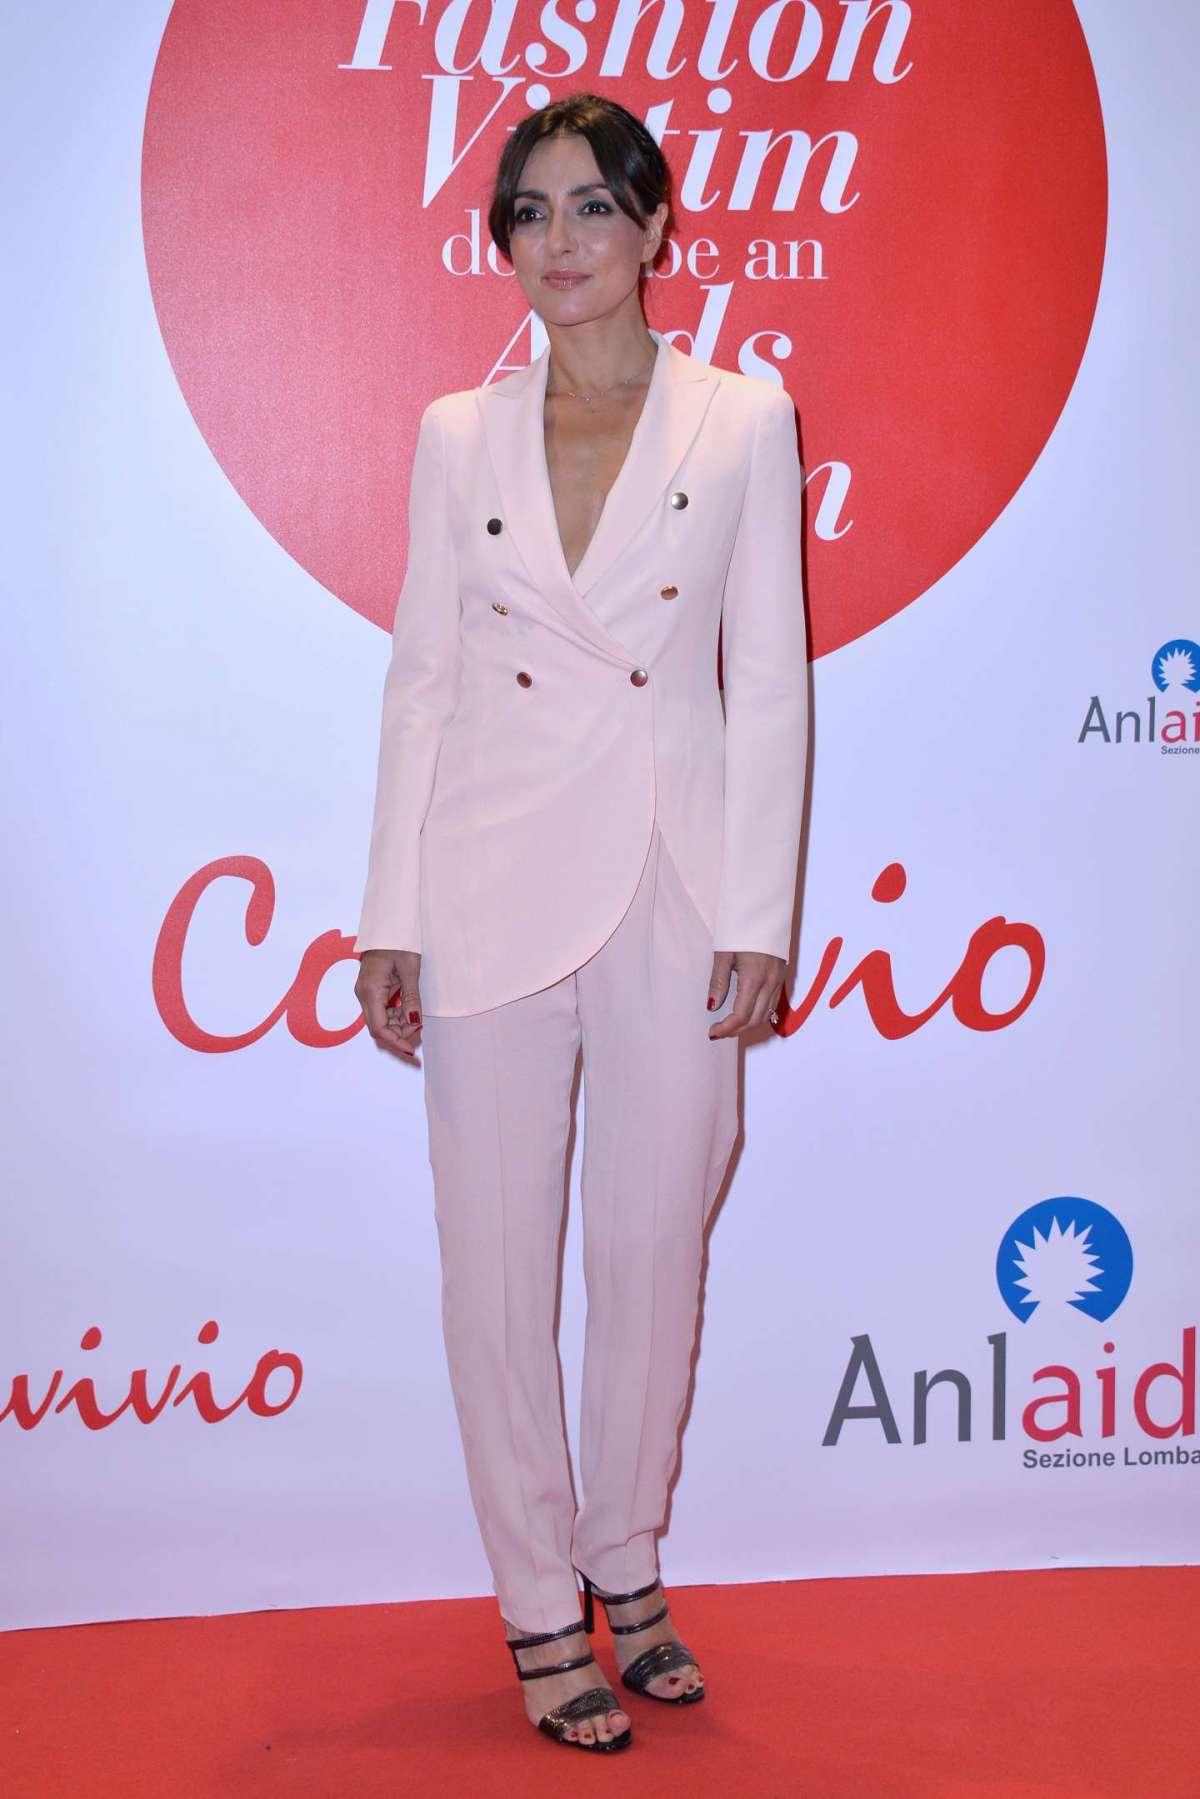 L'attrice all'inaugurazione Convivio a Milano